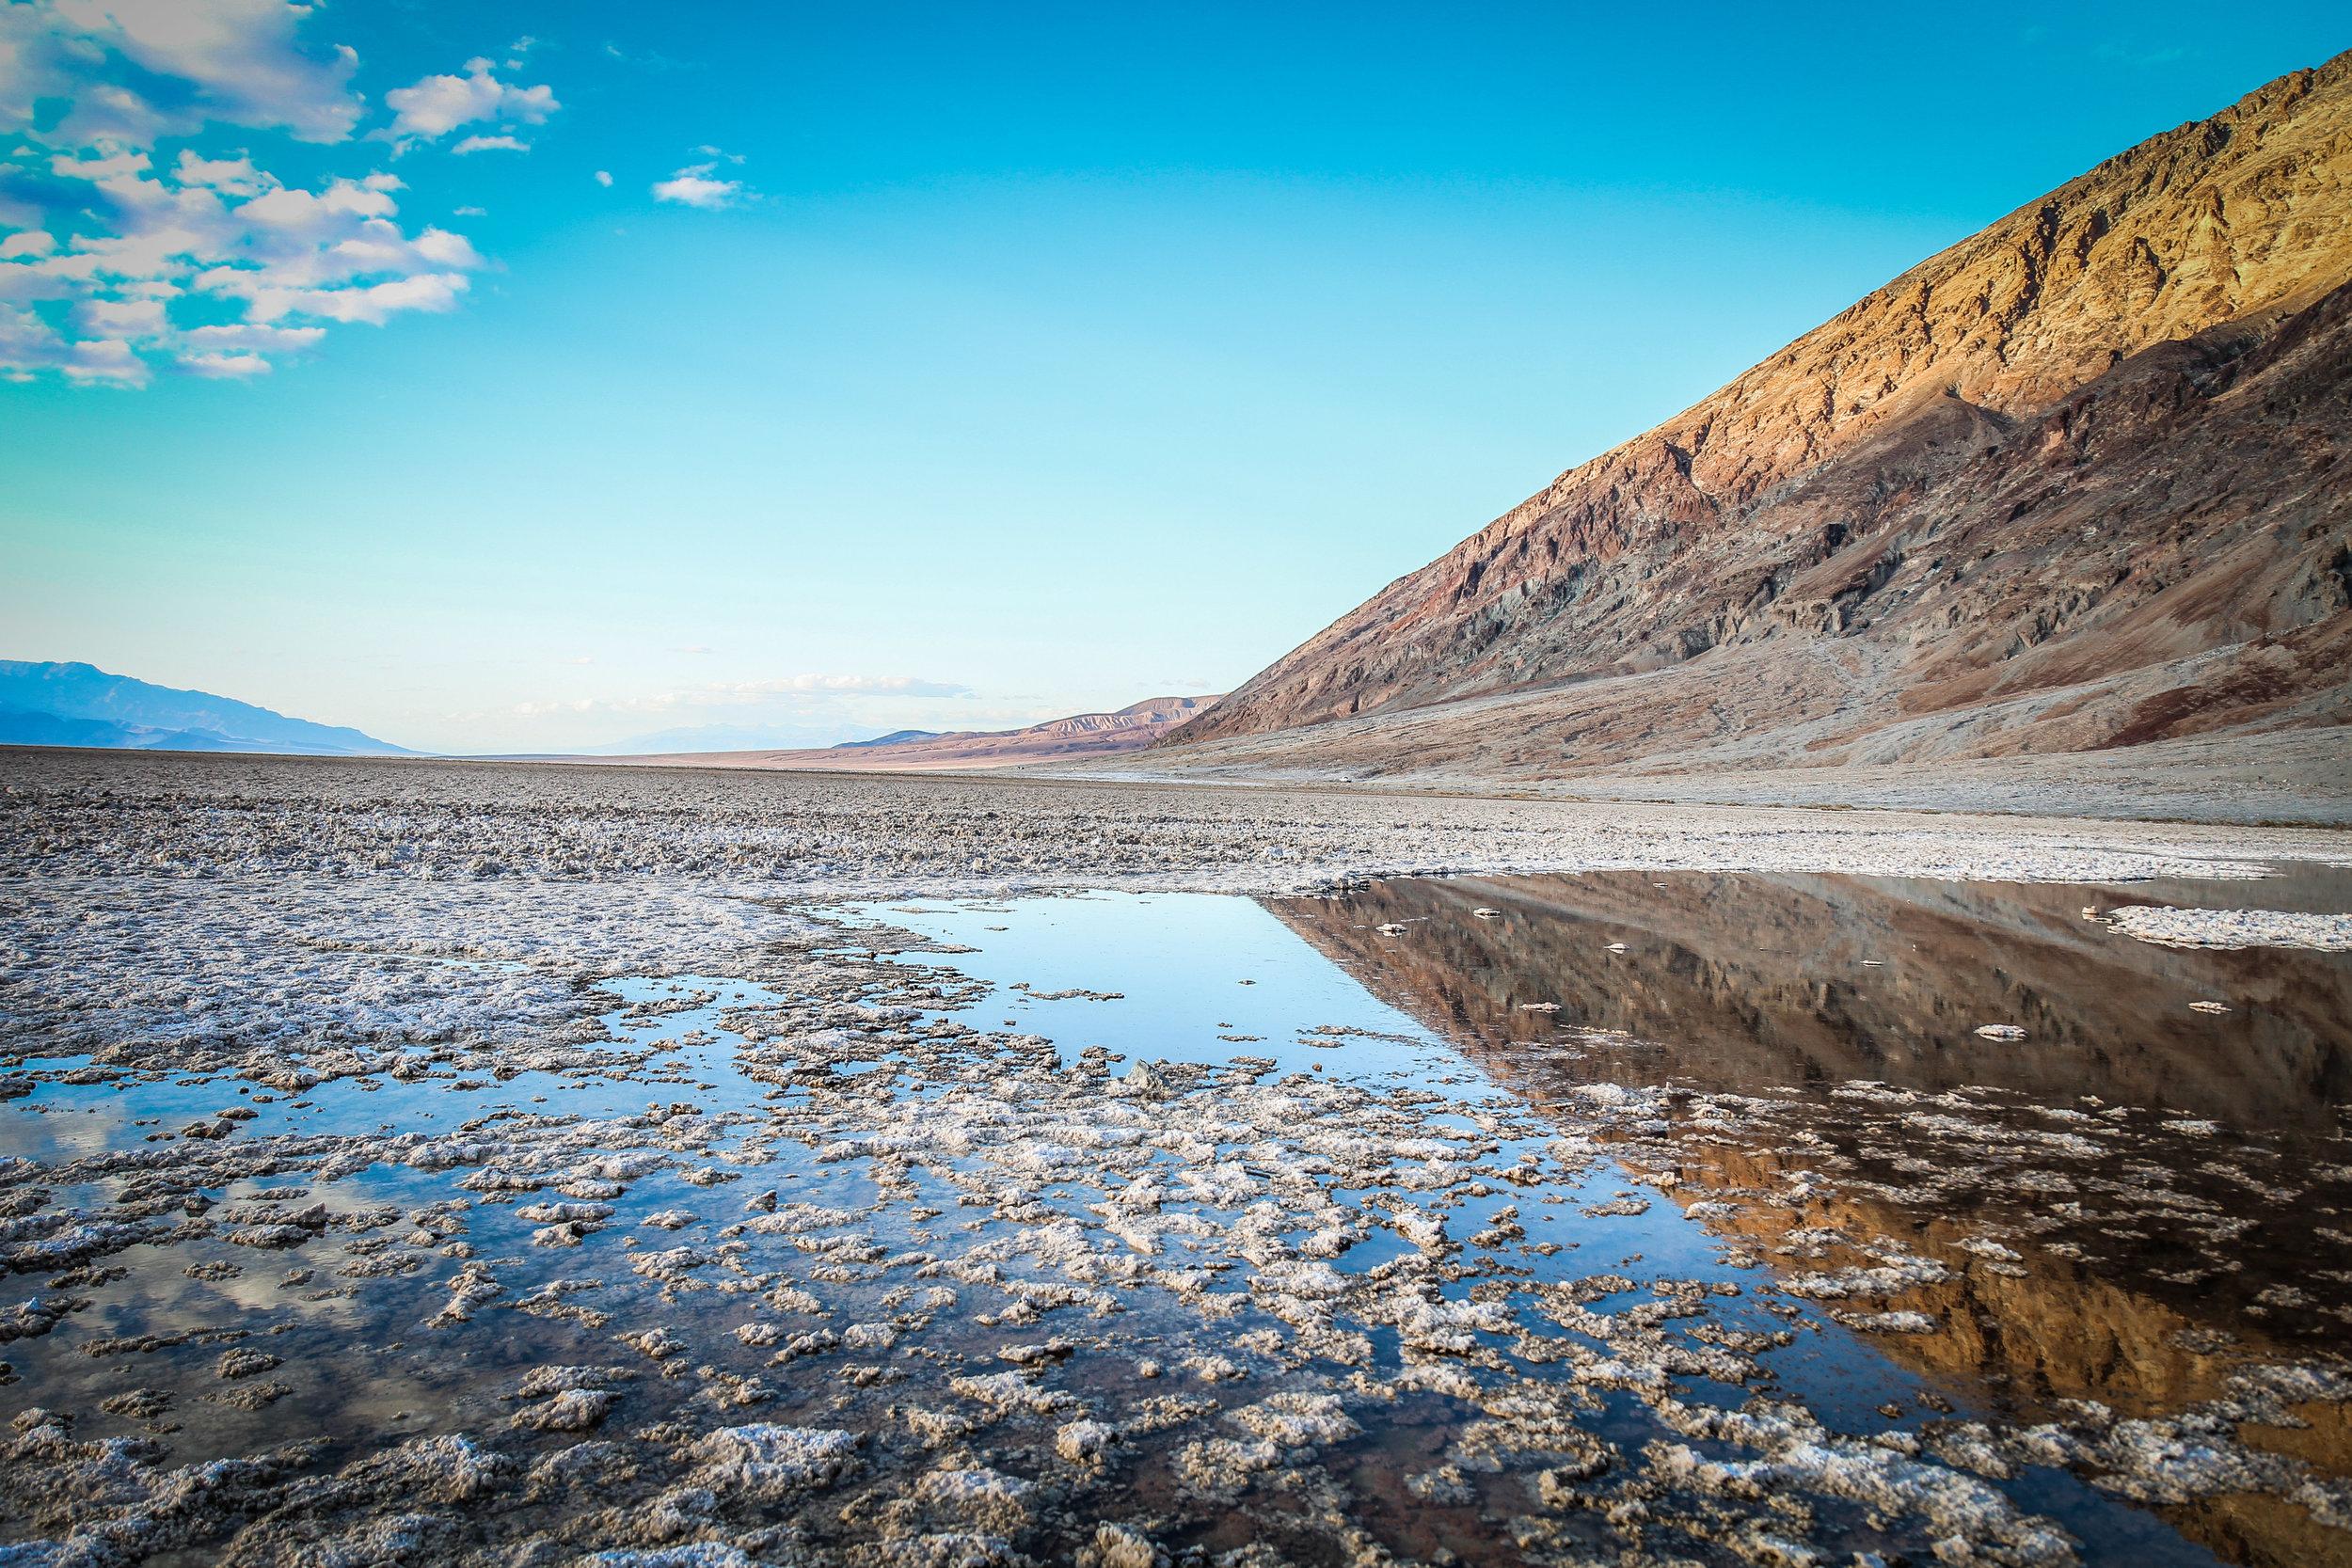 Death Valley_Badwater_zabriskie point-19.JPG